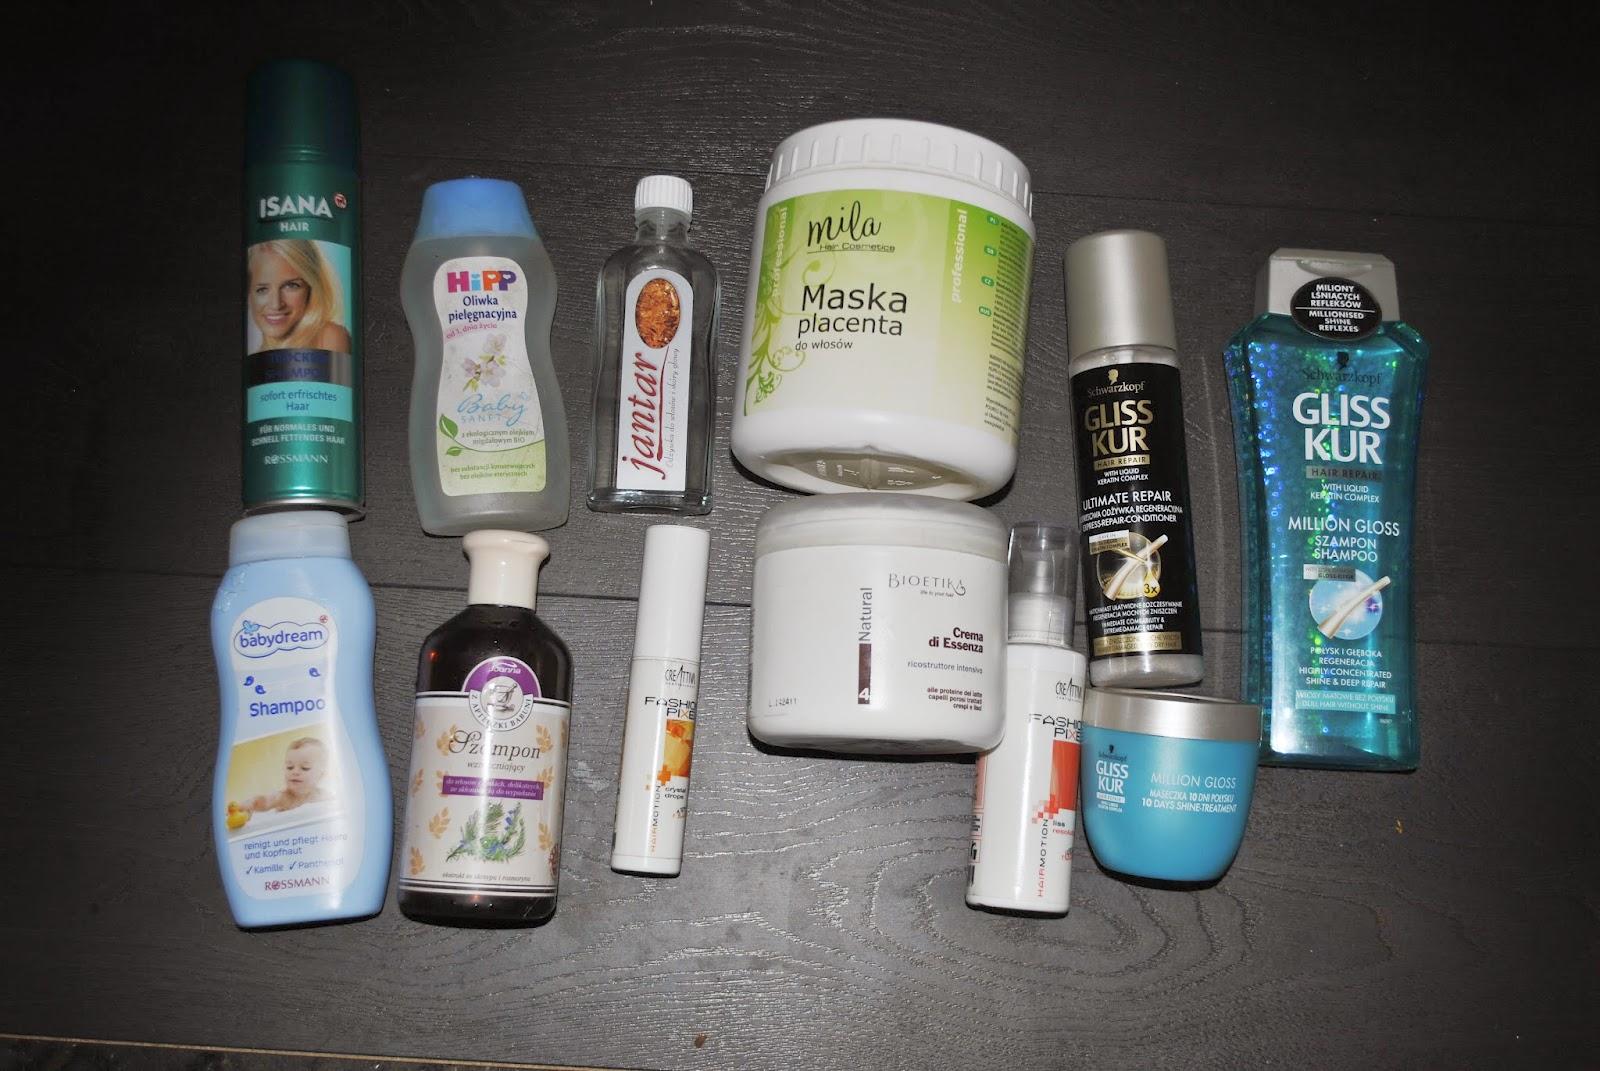 gliss kur łagodny szampon asortyment